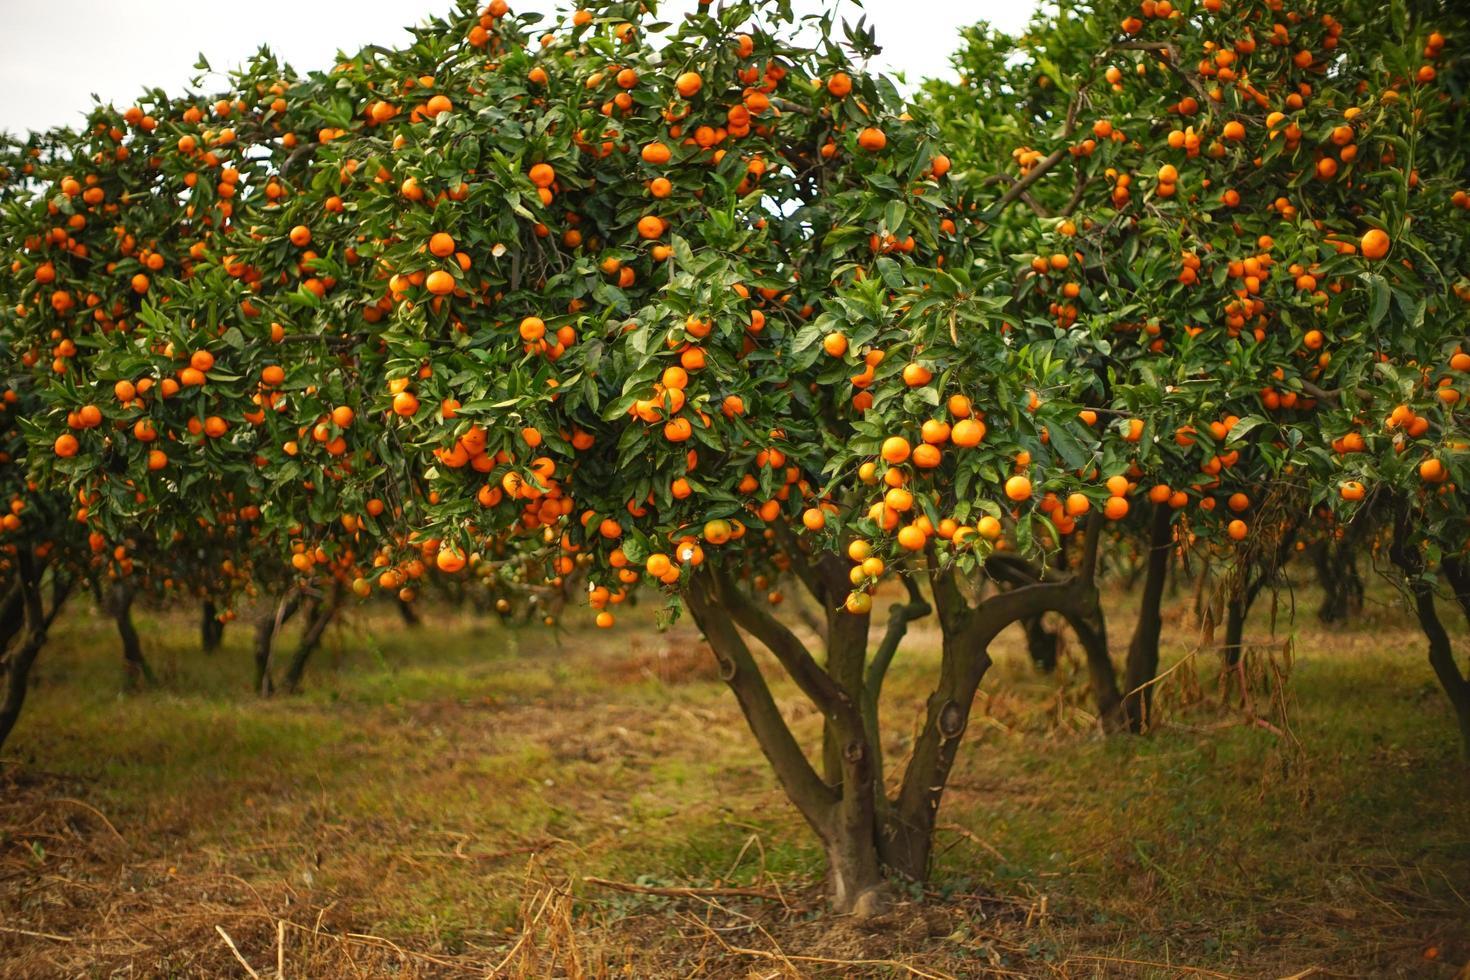 höstlandskap med mandarinträdgård. foto